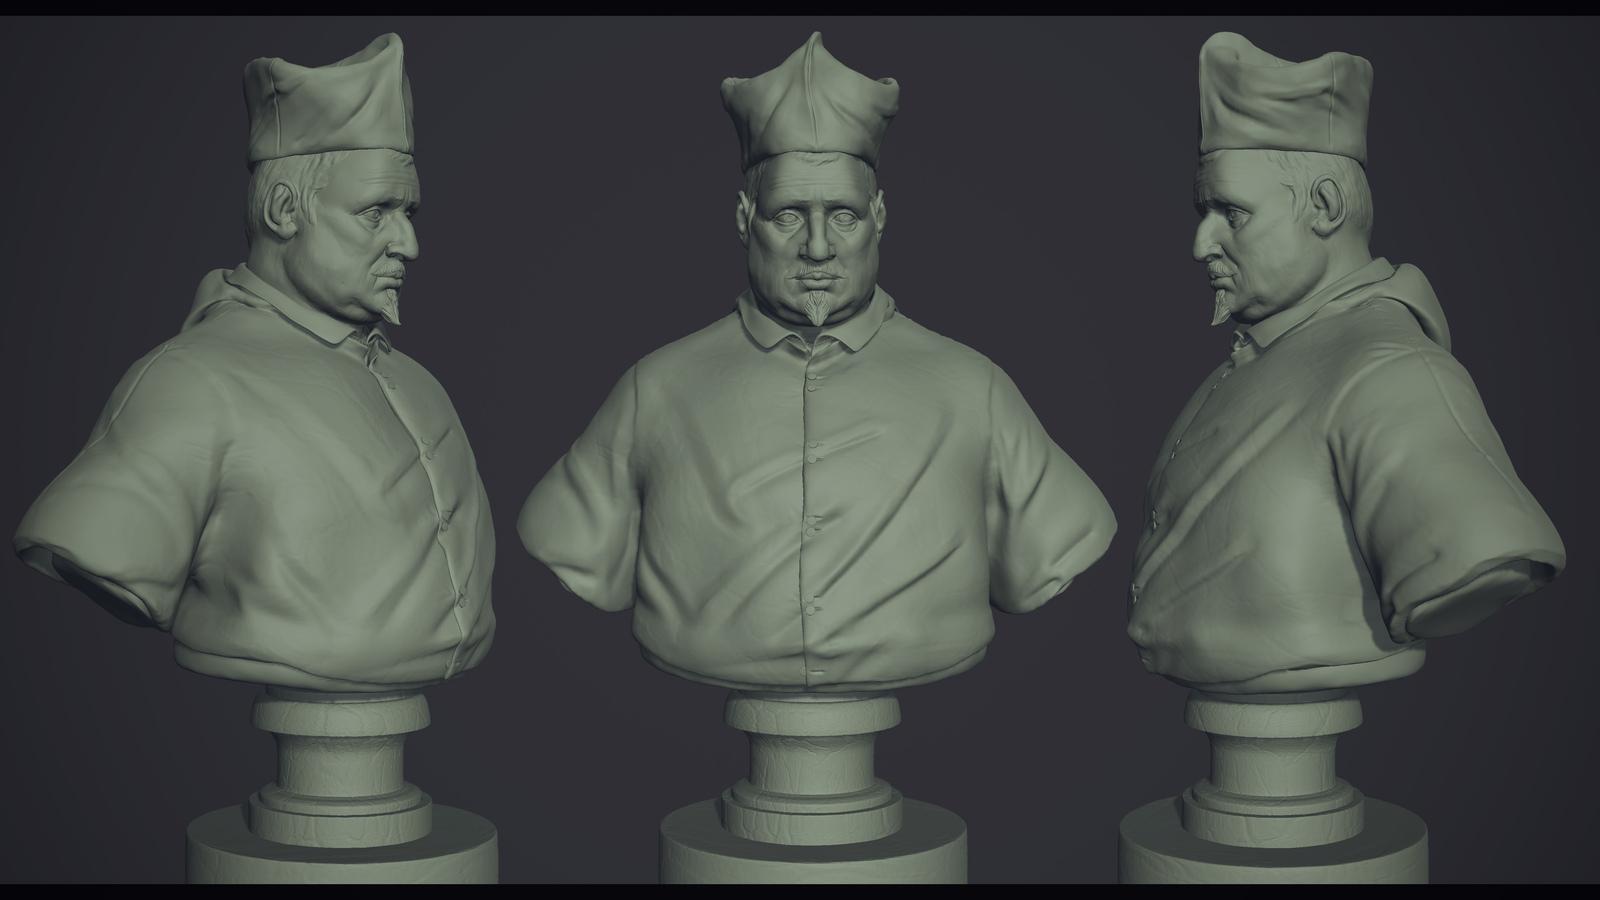 Cardinal Scipione